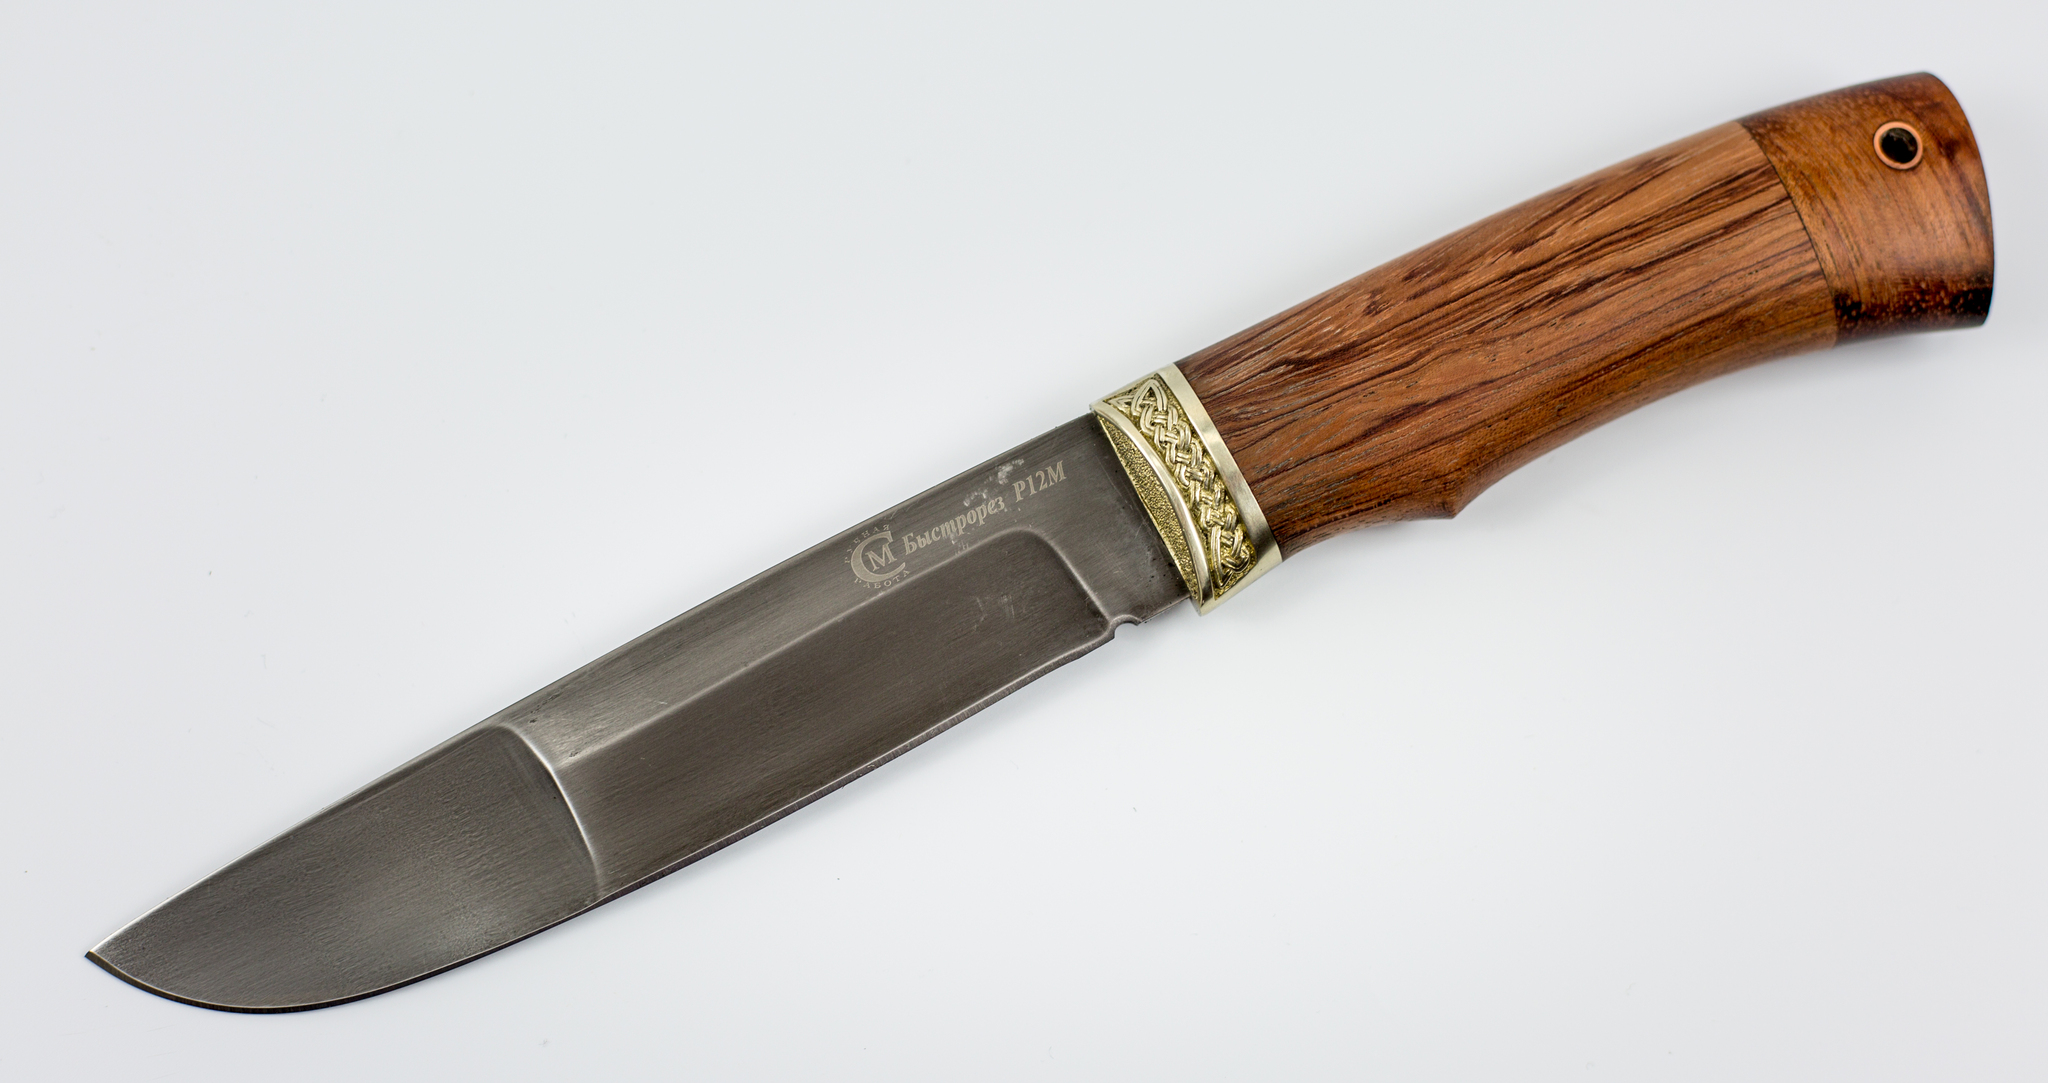 Нож Путник, быстрорез Р12МНожи Ворсма<br>Сталь Р12М - быстрорезРукоять ГрабОбщая длина, мм 274Длина клинка, мм 153Ширина клинка, мм 30,9Толщина клинка, мм 3,8Длина рукояти, мм 121Толщина рукояти, мм 22,5Твёрдость клинка, HRC 62<br>